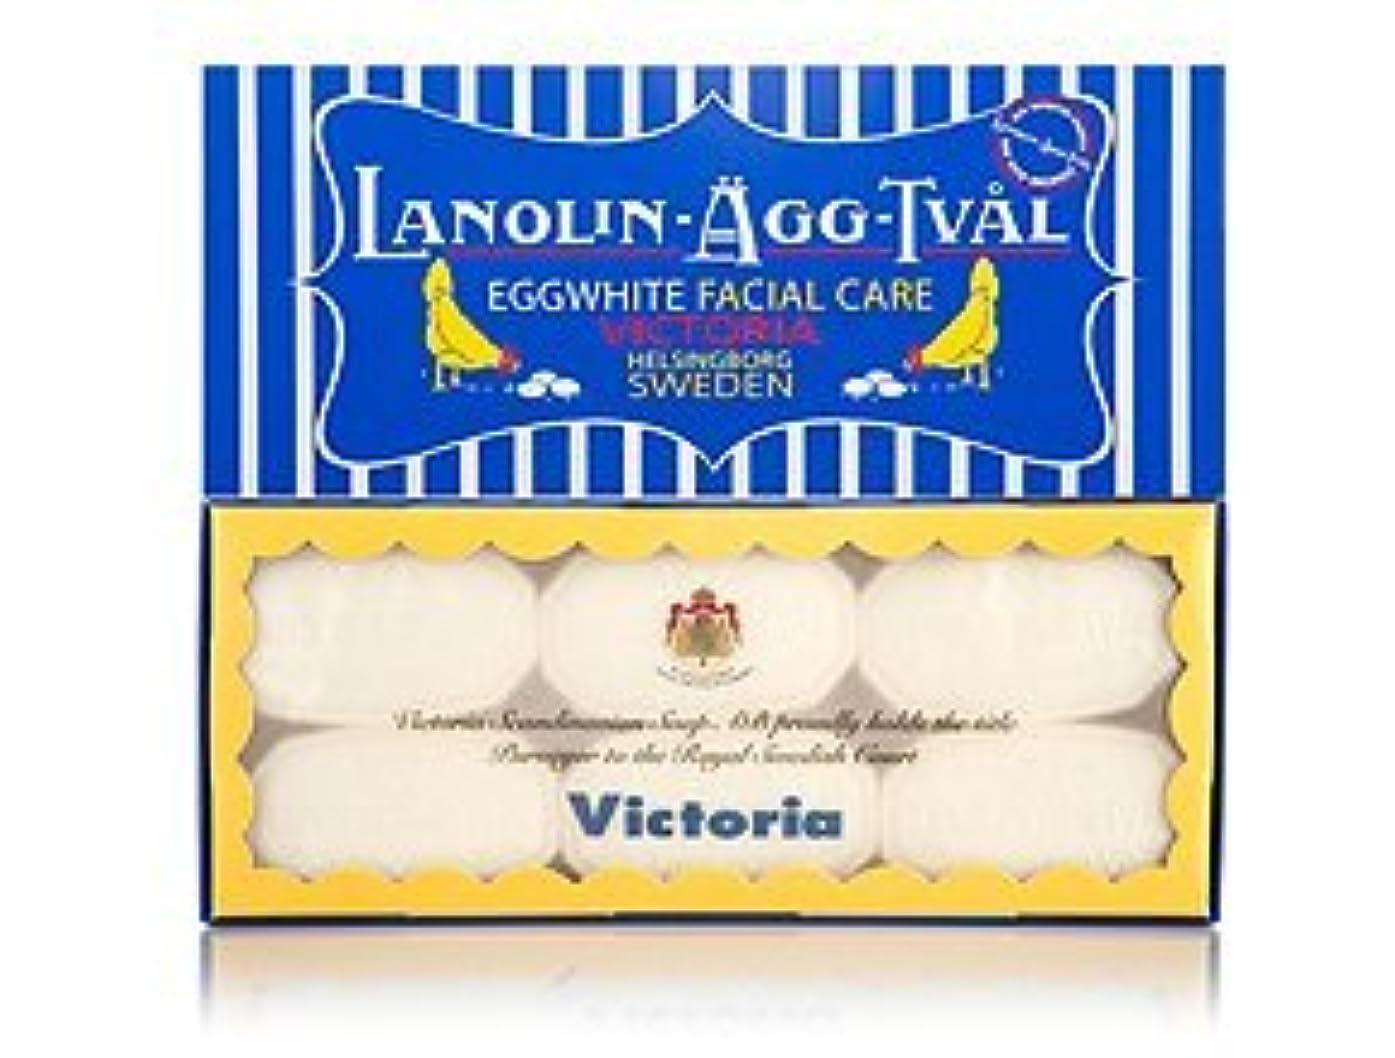 ポルティコ入口可愛いヴィクトリア(Victoria) スウェーデン エッグ ホワイトソープ 50g×6個セット エッグパック [並行輸入品]